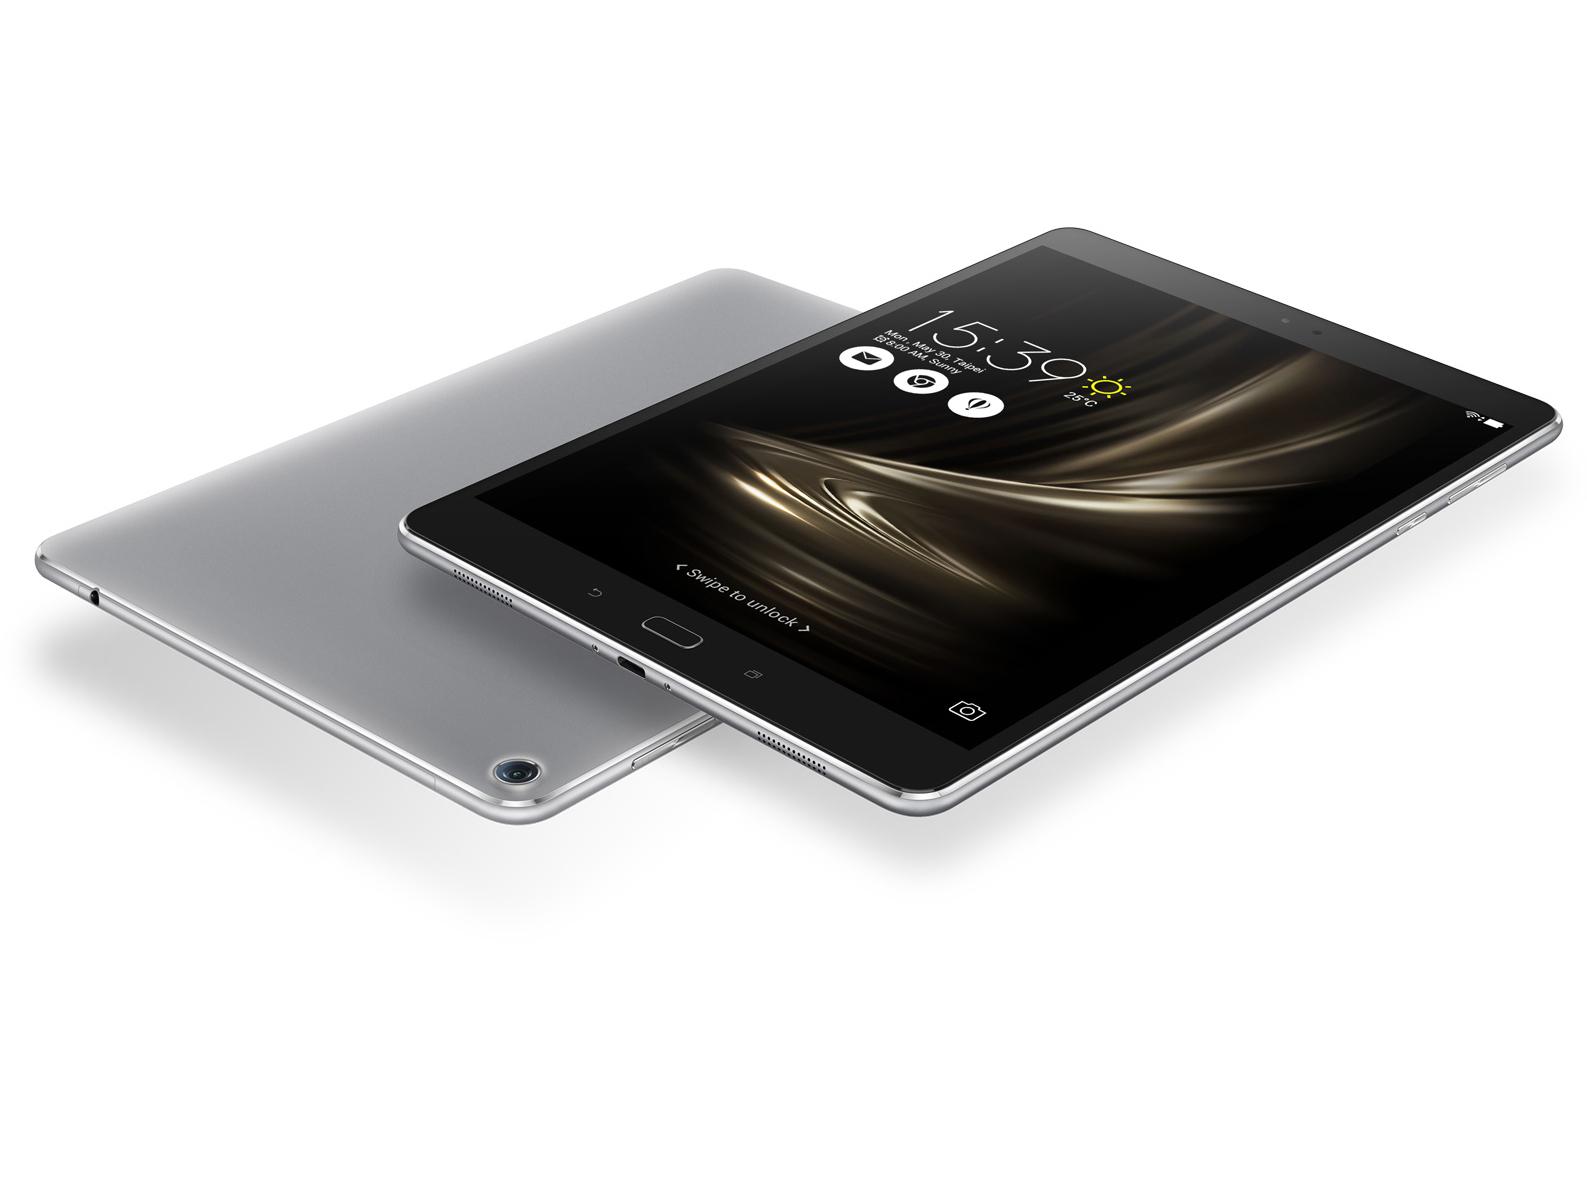 Топ-7 лучших планшетов 2017 года - ASUS ZenPad 3S 10 (2)